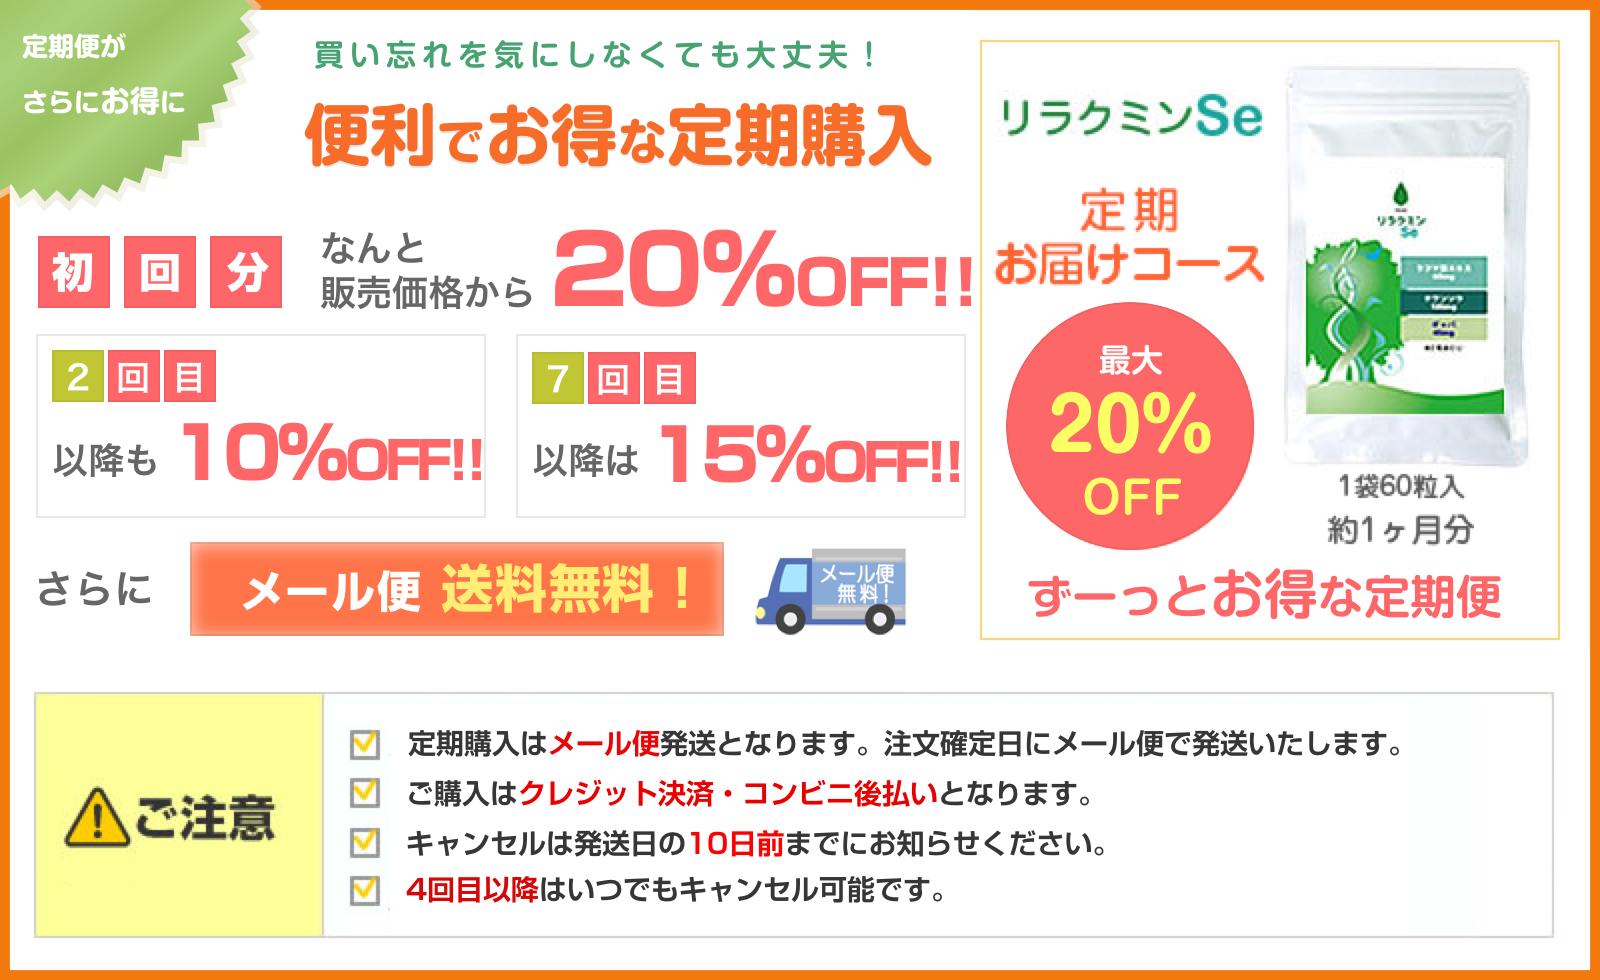 『リラクミンSe(定期購入)』<br>メール便送料無料<br>10%オフで定期!